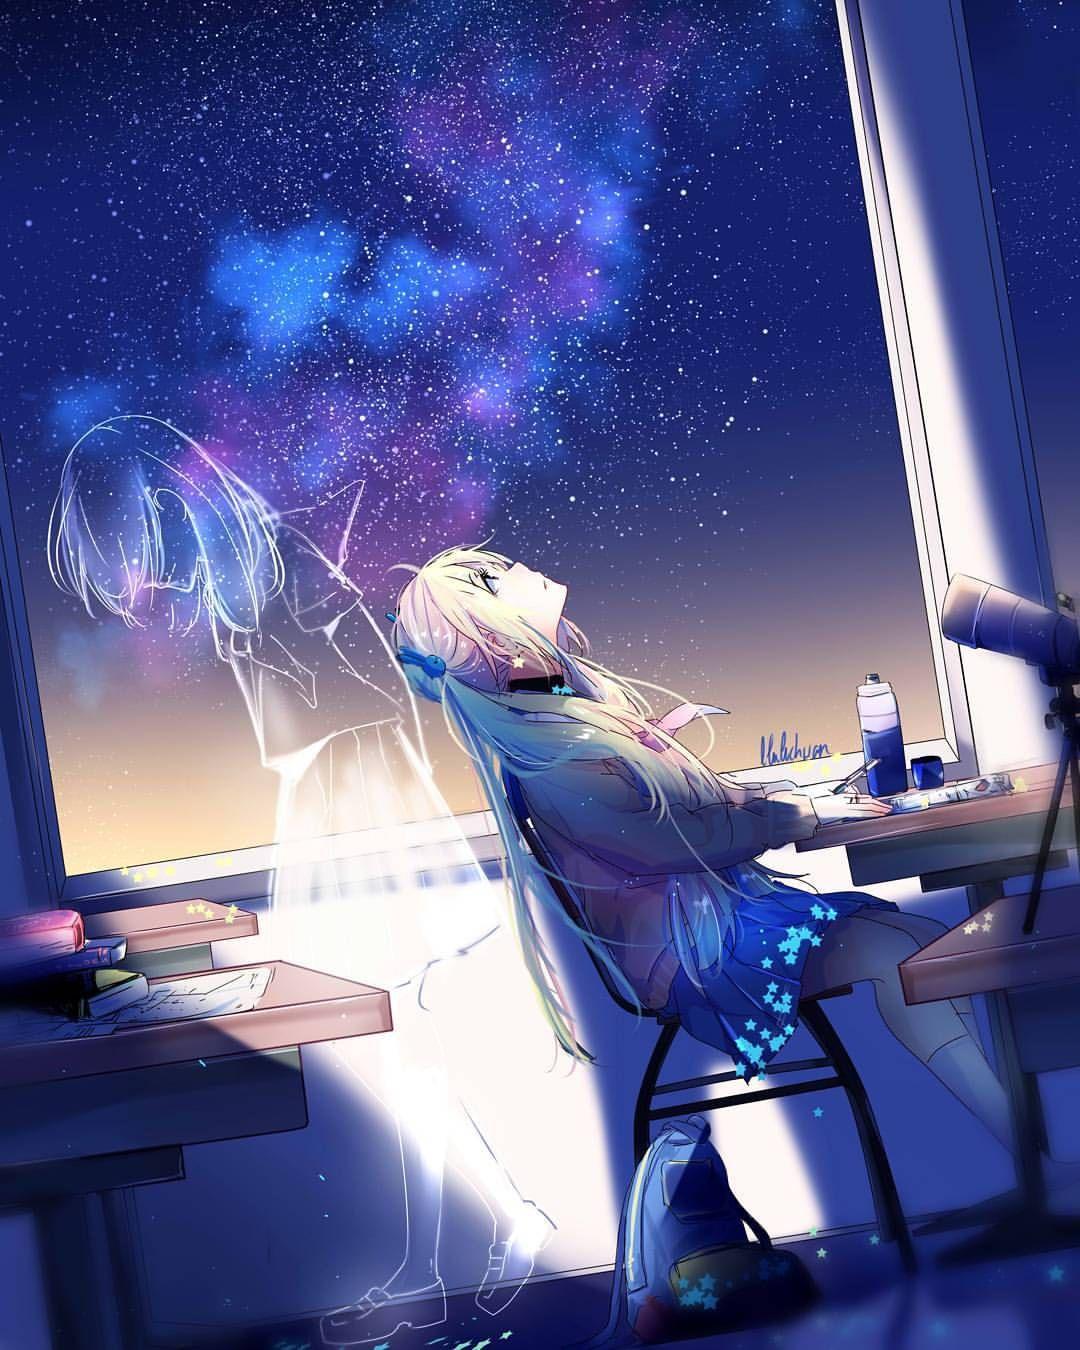 Pin Oleh Chivio Chan Di Anime Dengan Gambar Pemandangan Anime Seni Anime Karya Seni Fantasi